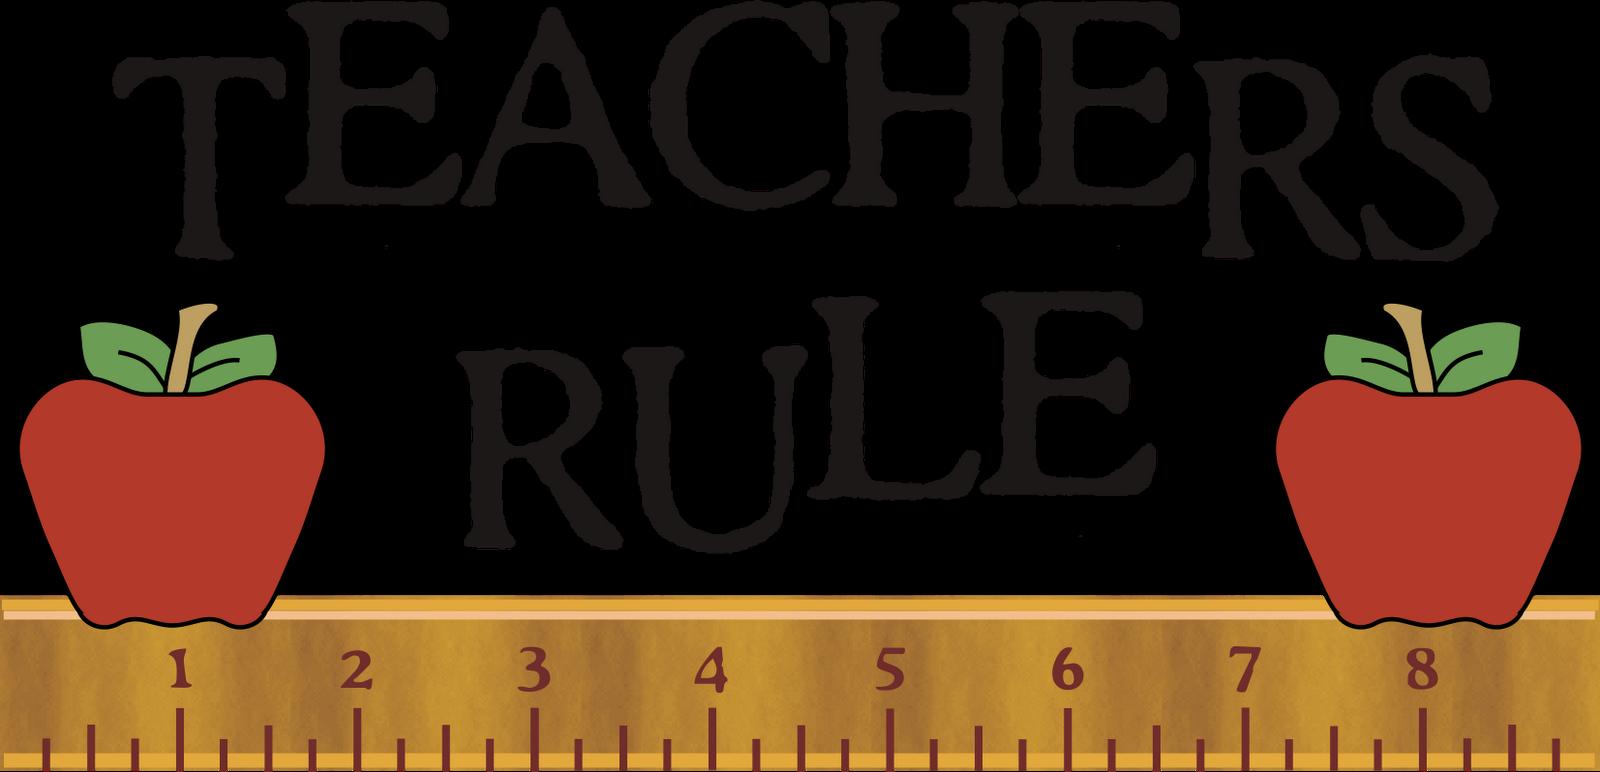 Word clipart teacher Elementary education – Clipart clipart